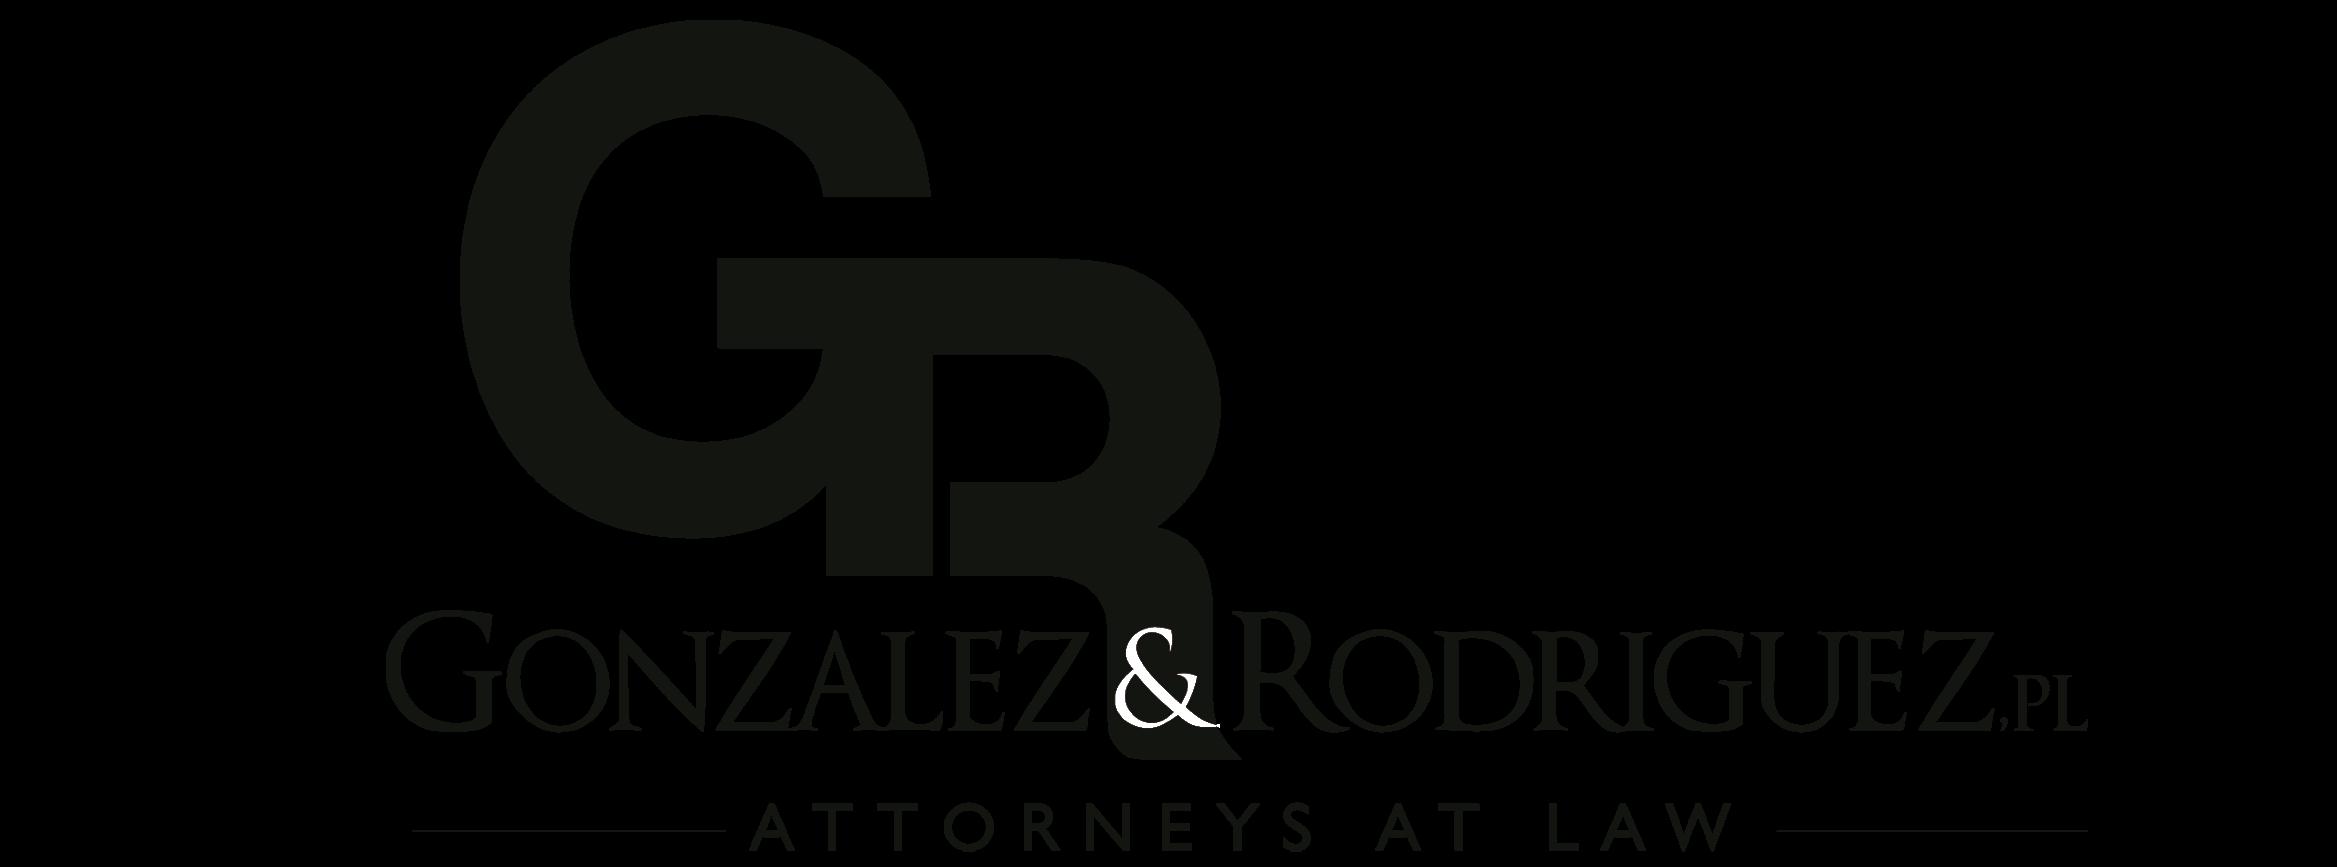 Gonzalez & Rodriguez, PL